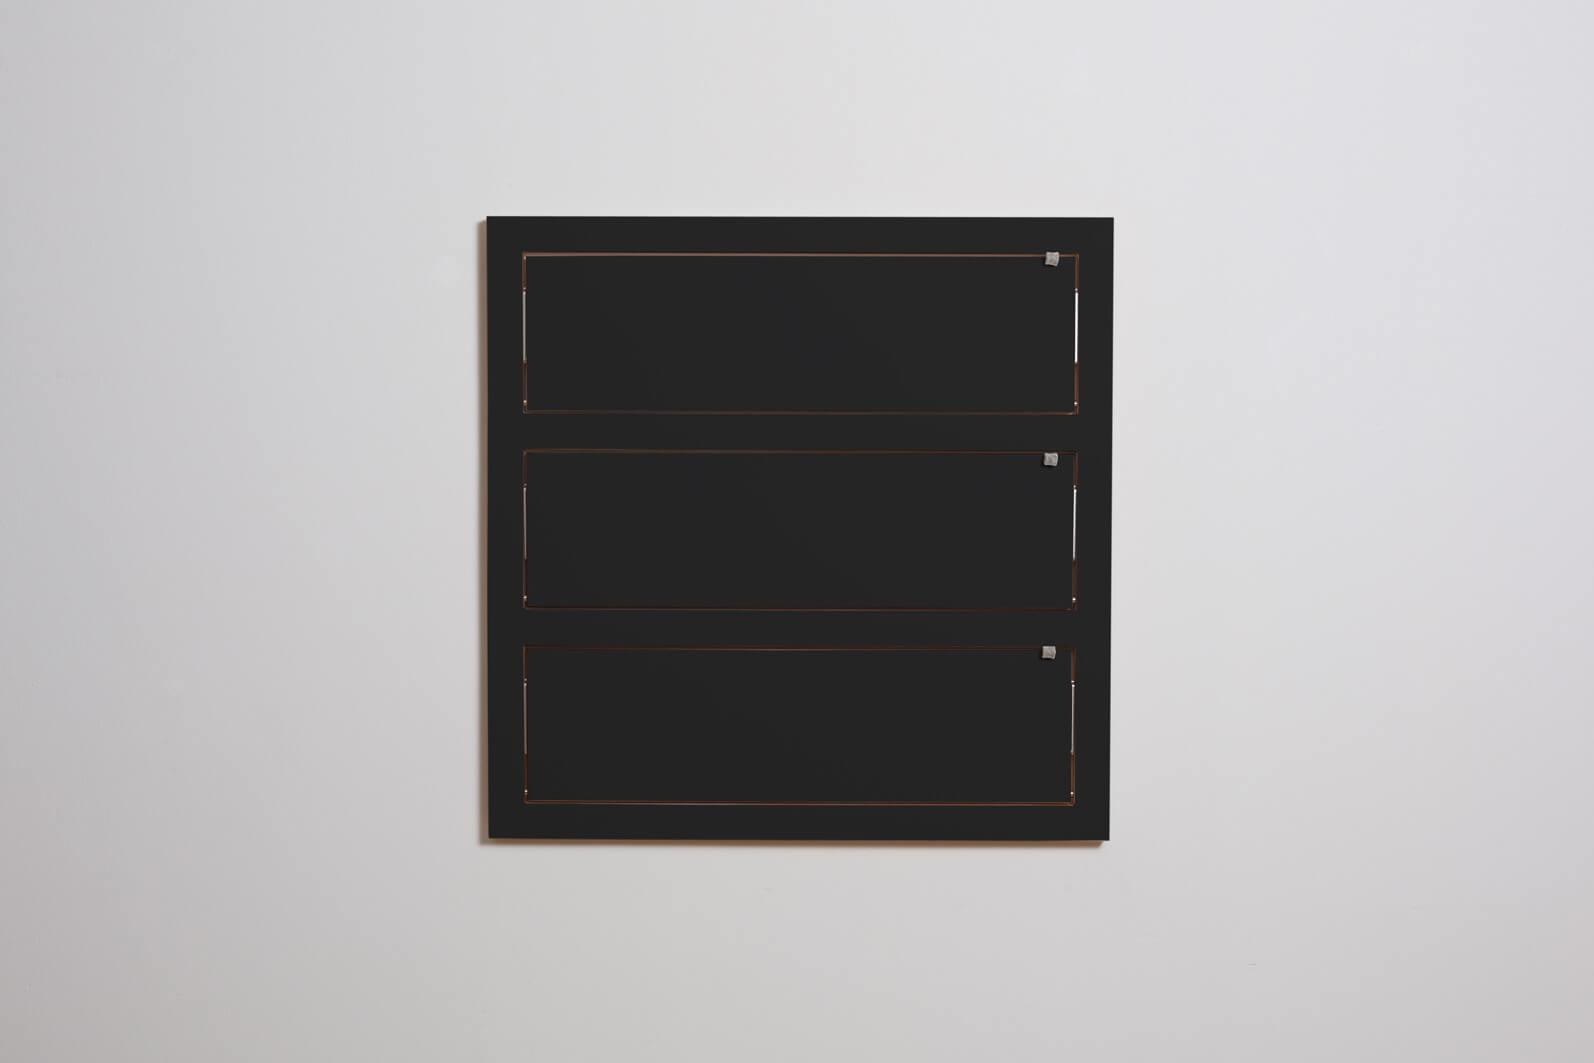 fl pps regal 80x80 3 schwarz. Black Bedroom Furniture Sets. Home Design Ideas